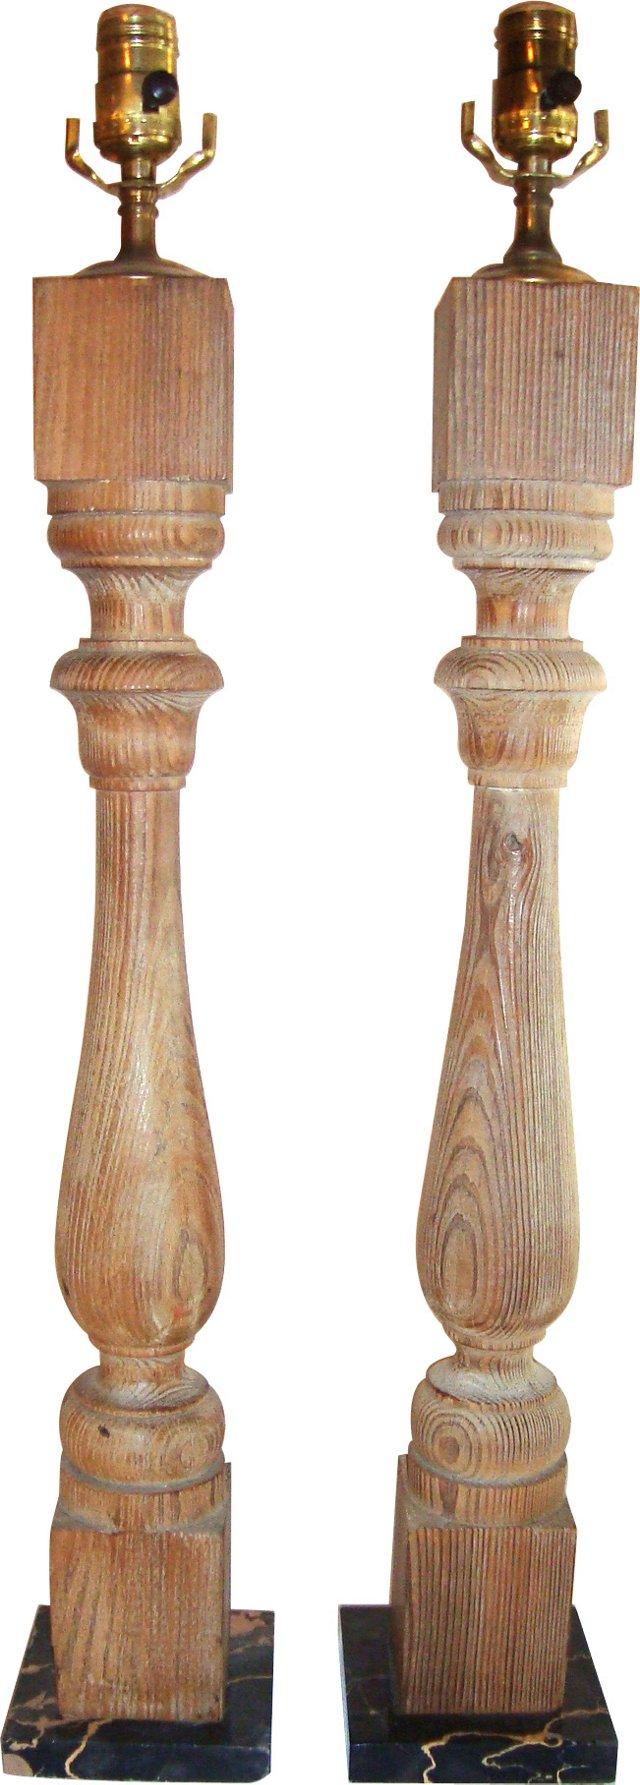 Wood Baluster Lamps, Pair